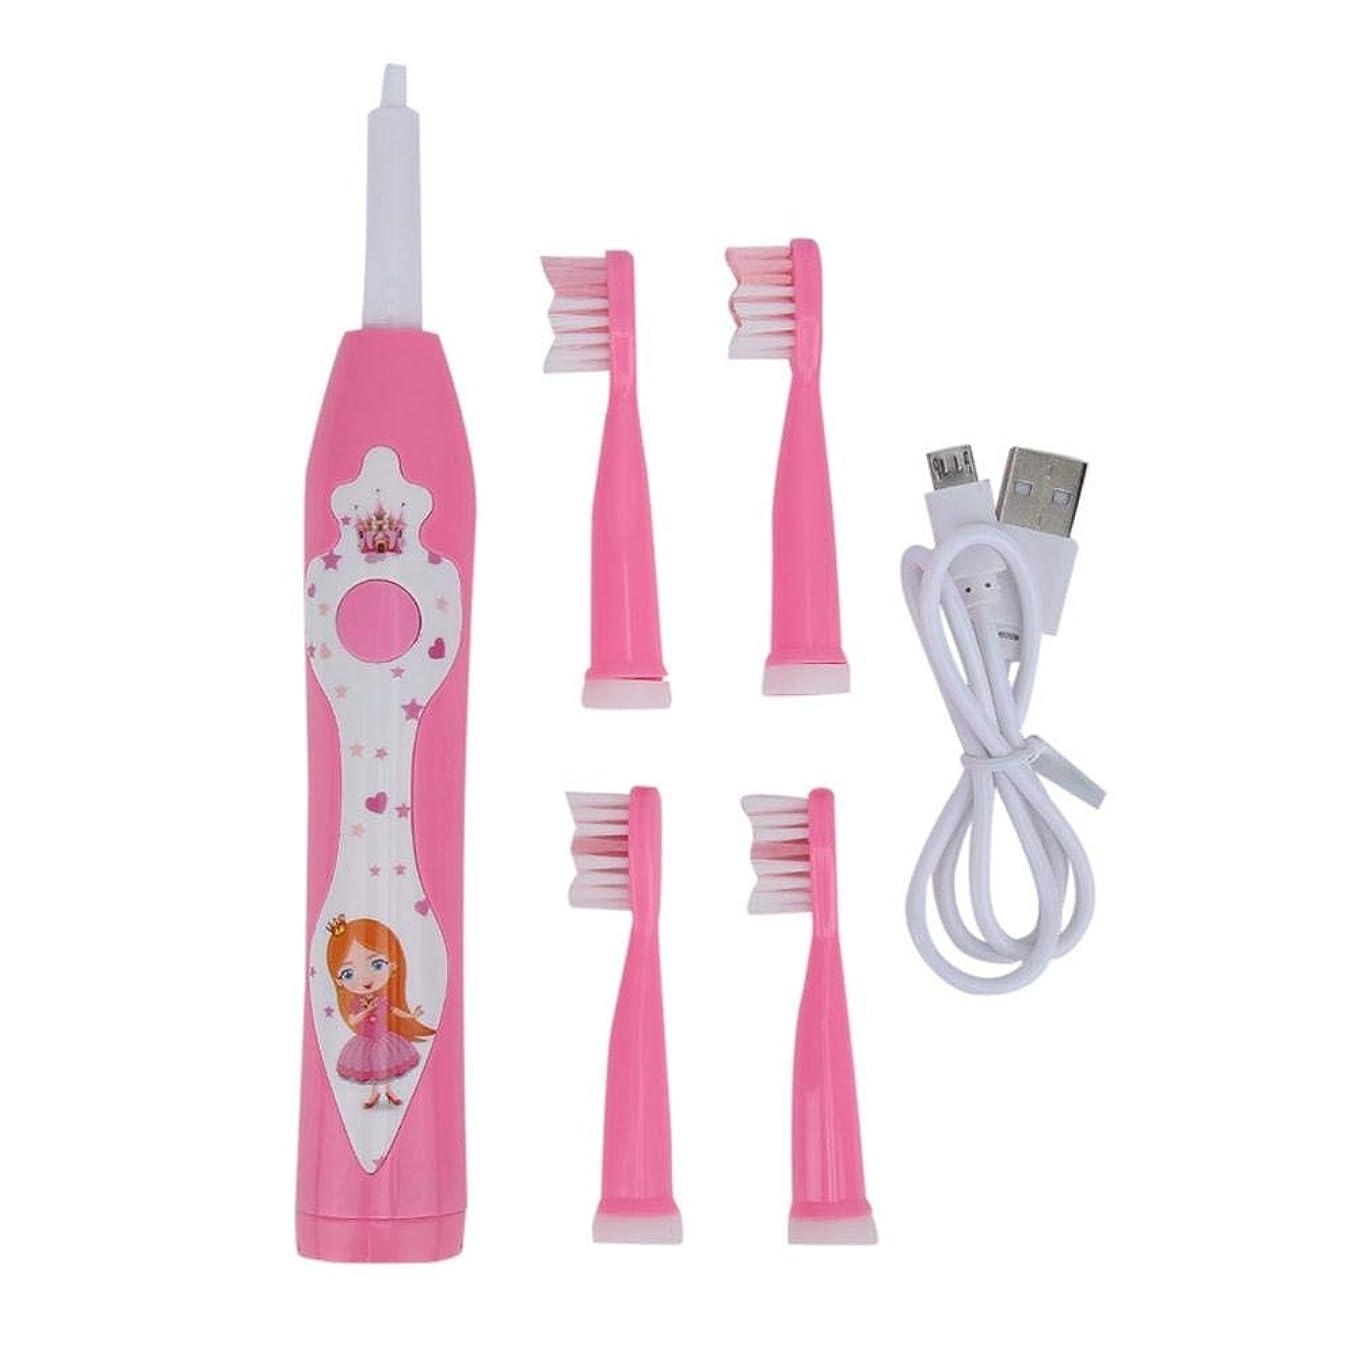 通知周波数レディ大人の電動歯ブラシ、歯ブラシの自動タイマーおよび精密きれいなブラシの頭部との深いクリーニング口腔衛生管理のための最も長い(ピンク)